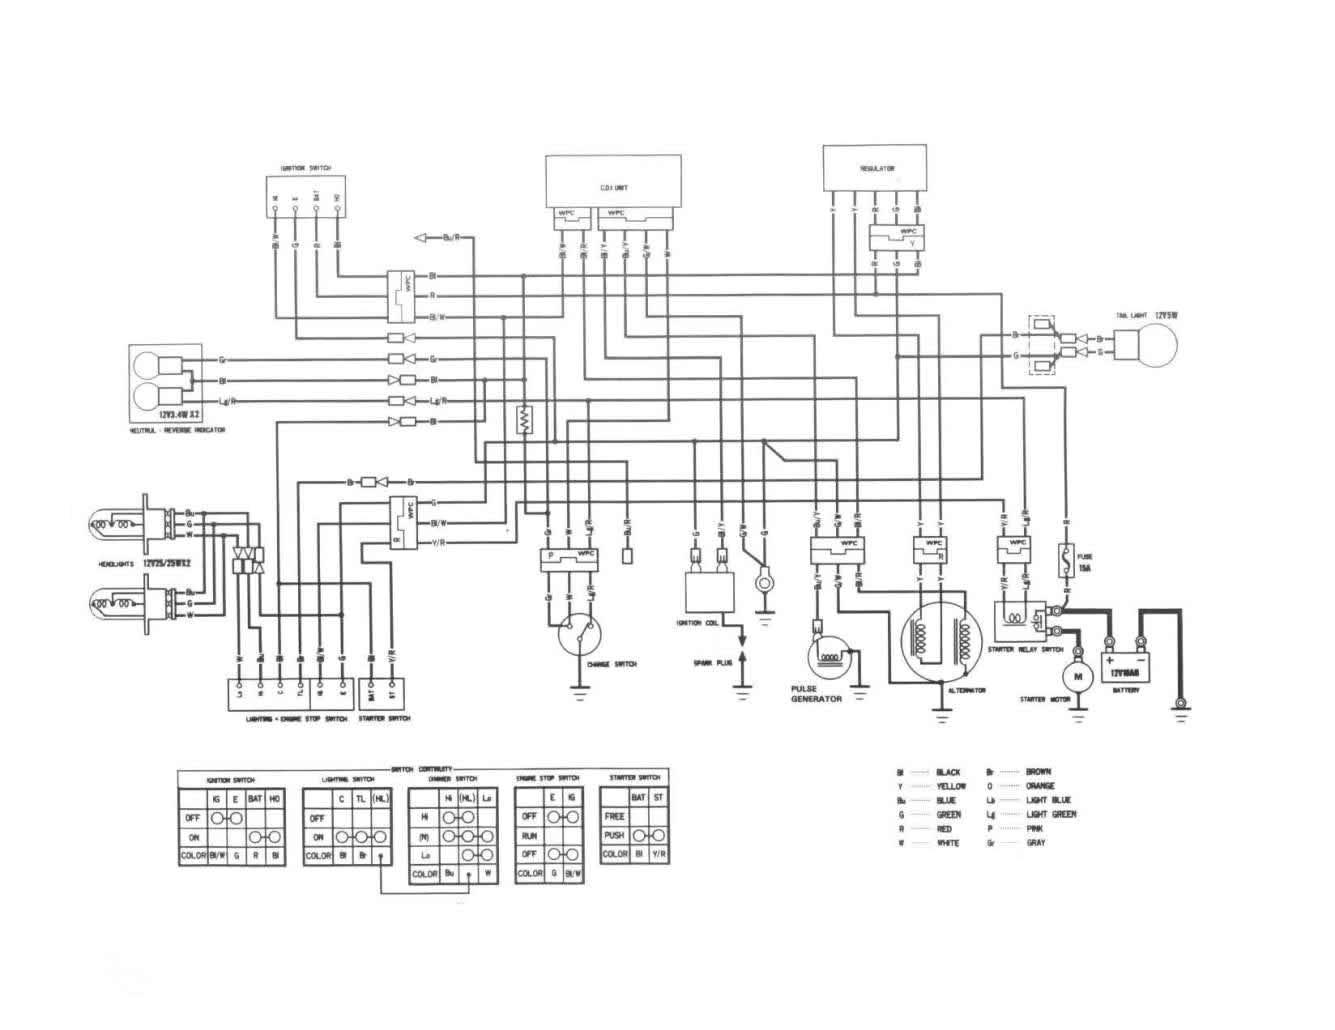 trx200 wiring jpg